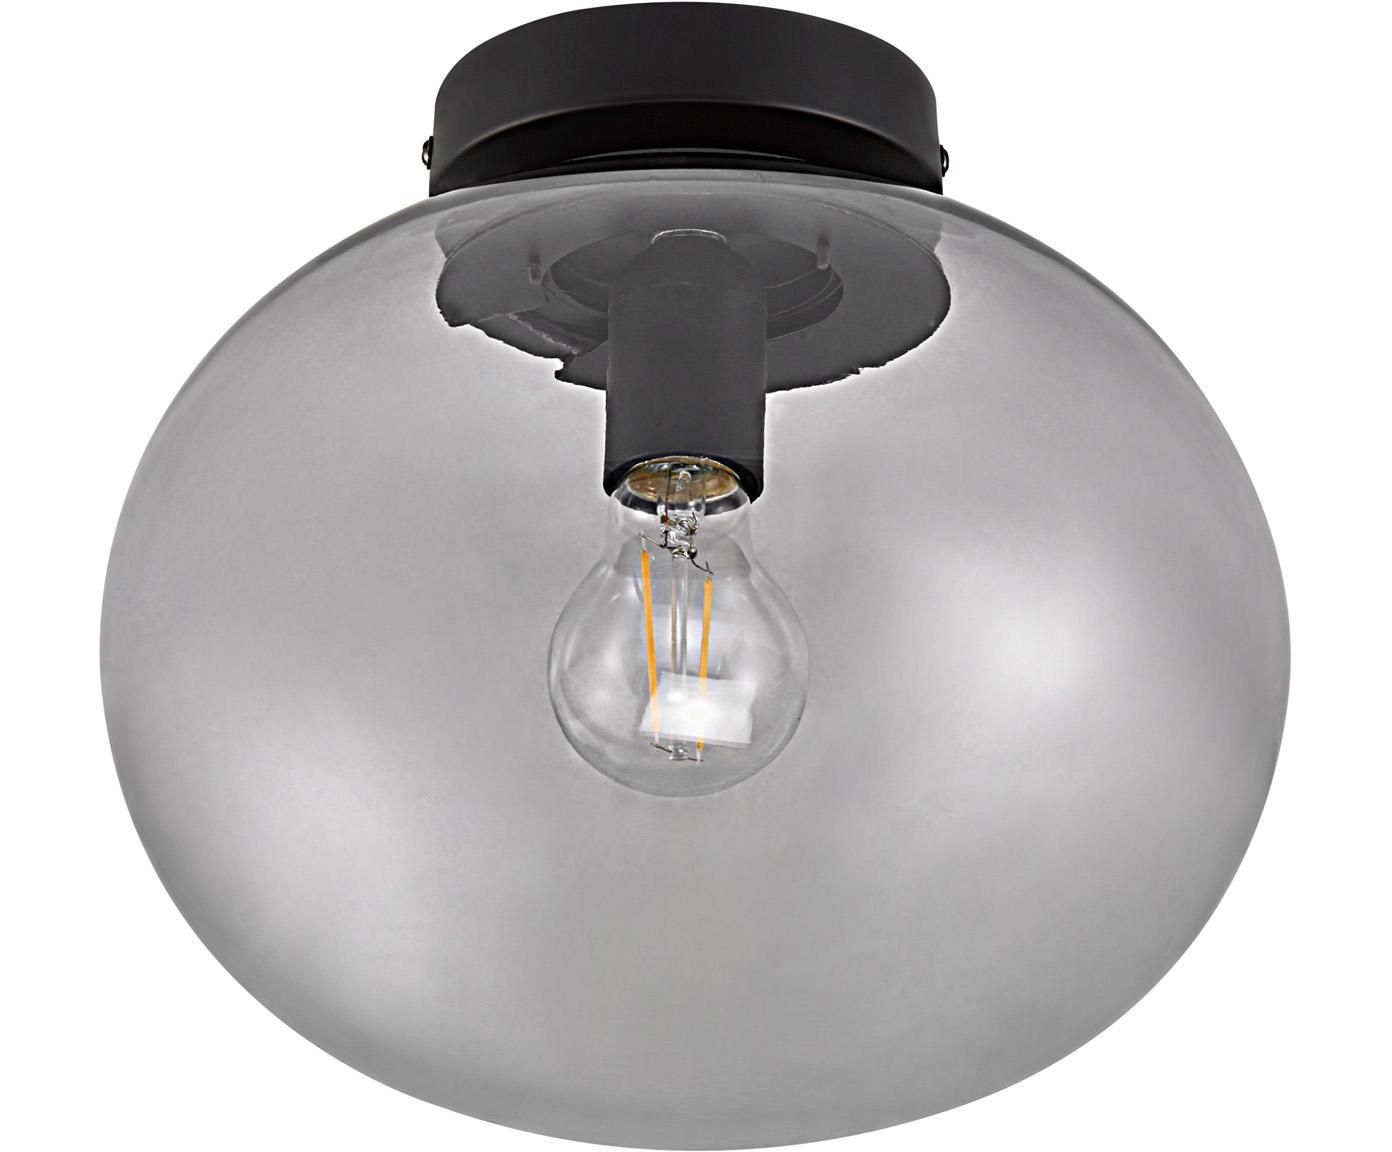 Lampa sufitowa z barwionego szkła  Alton, Szary, transparentny, czarny, Ø 28  x W 24 cm